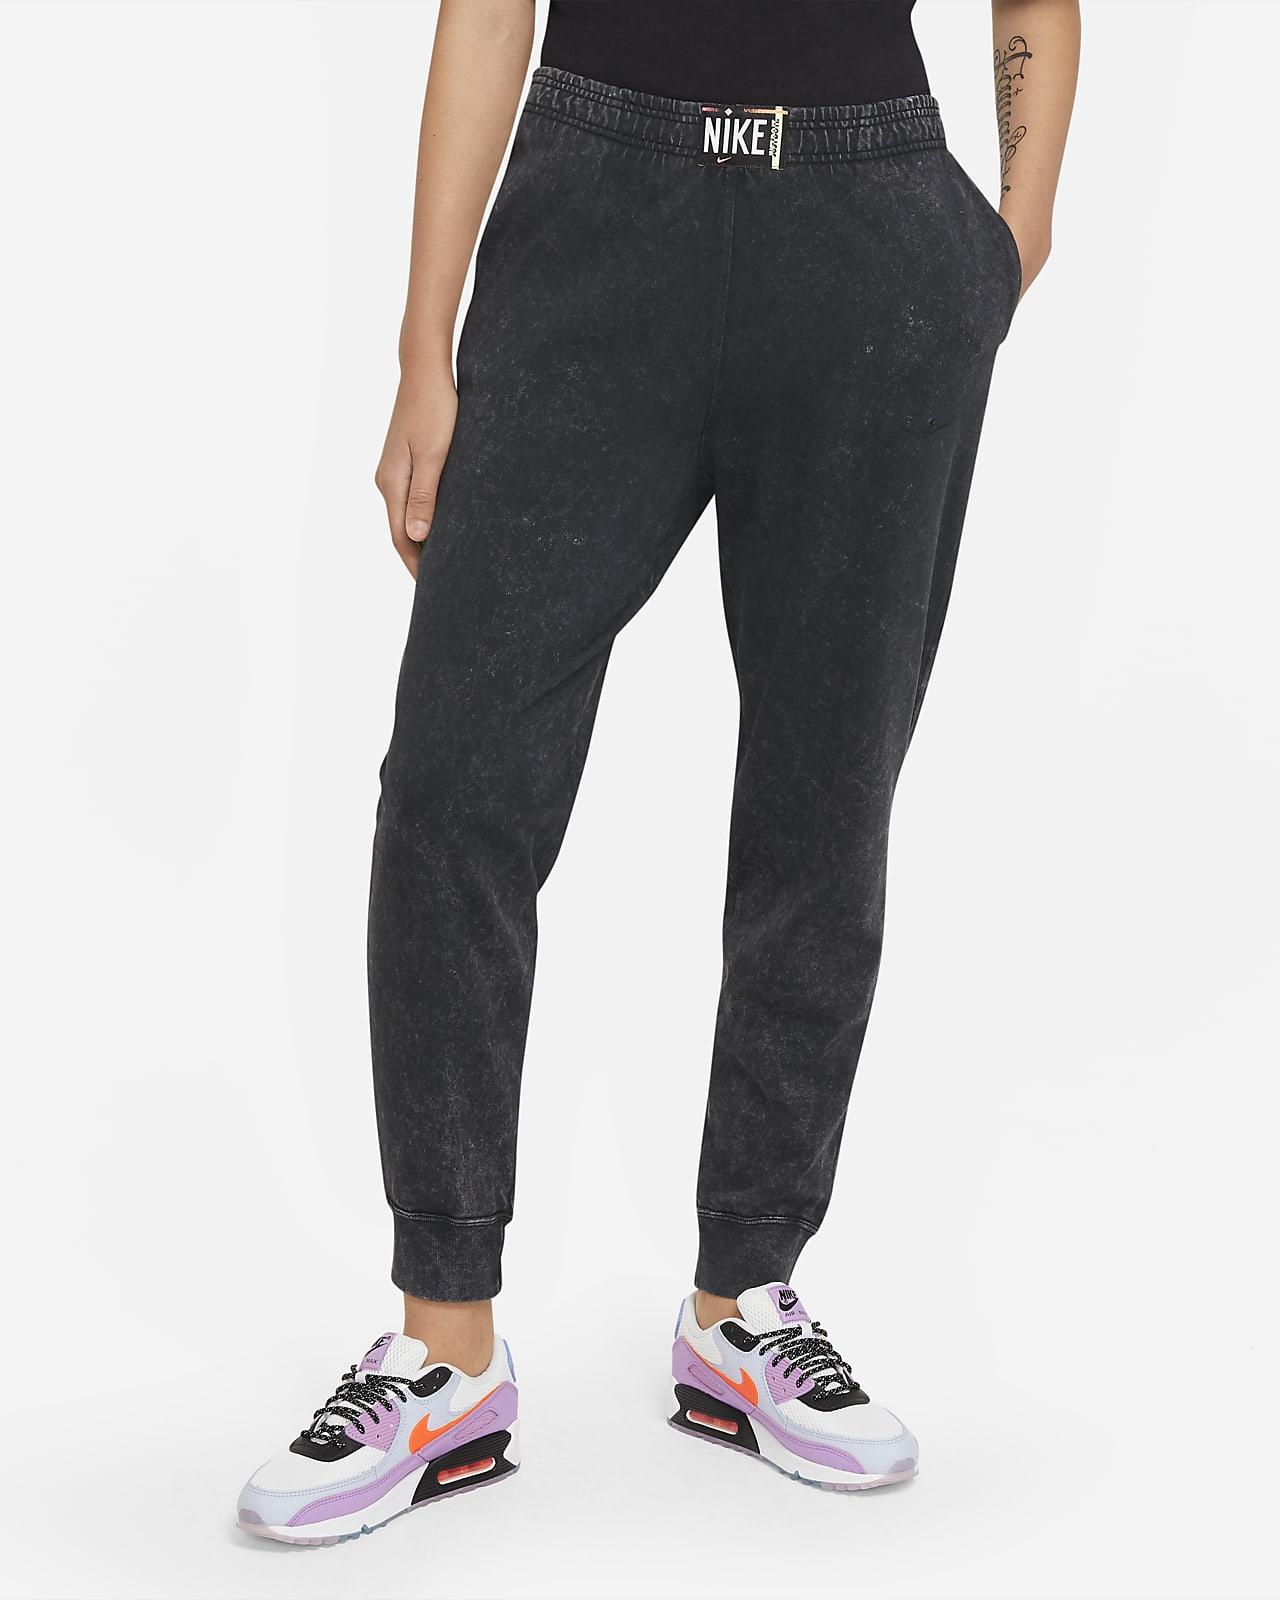 Женские брюки с эффектом выцветания Nike Sportswear